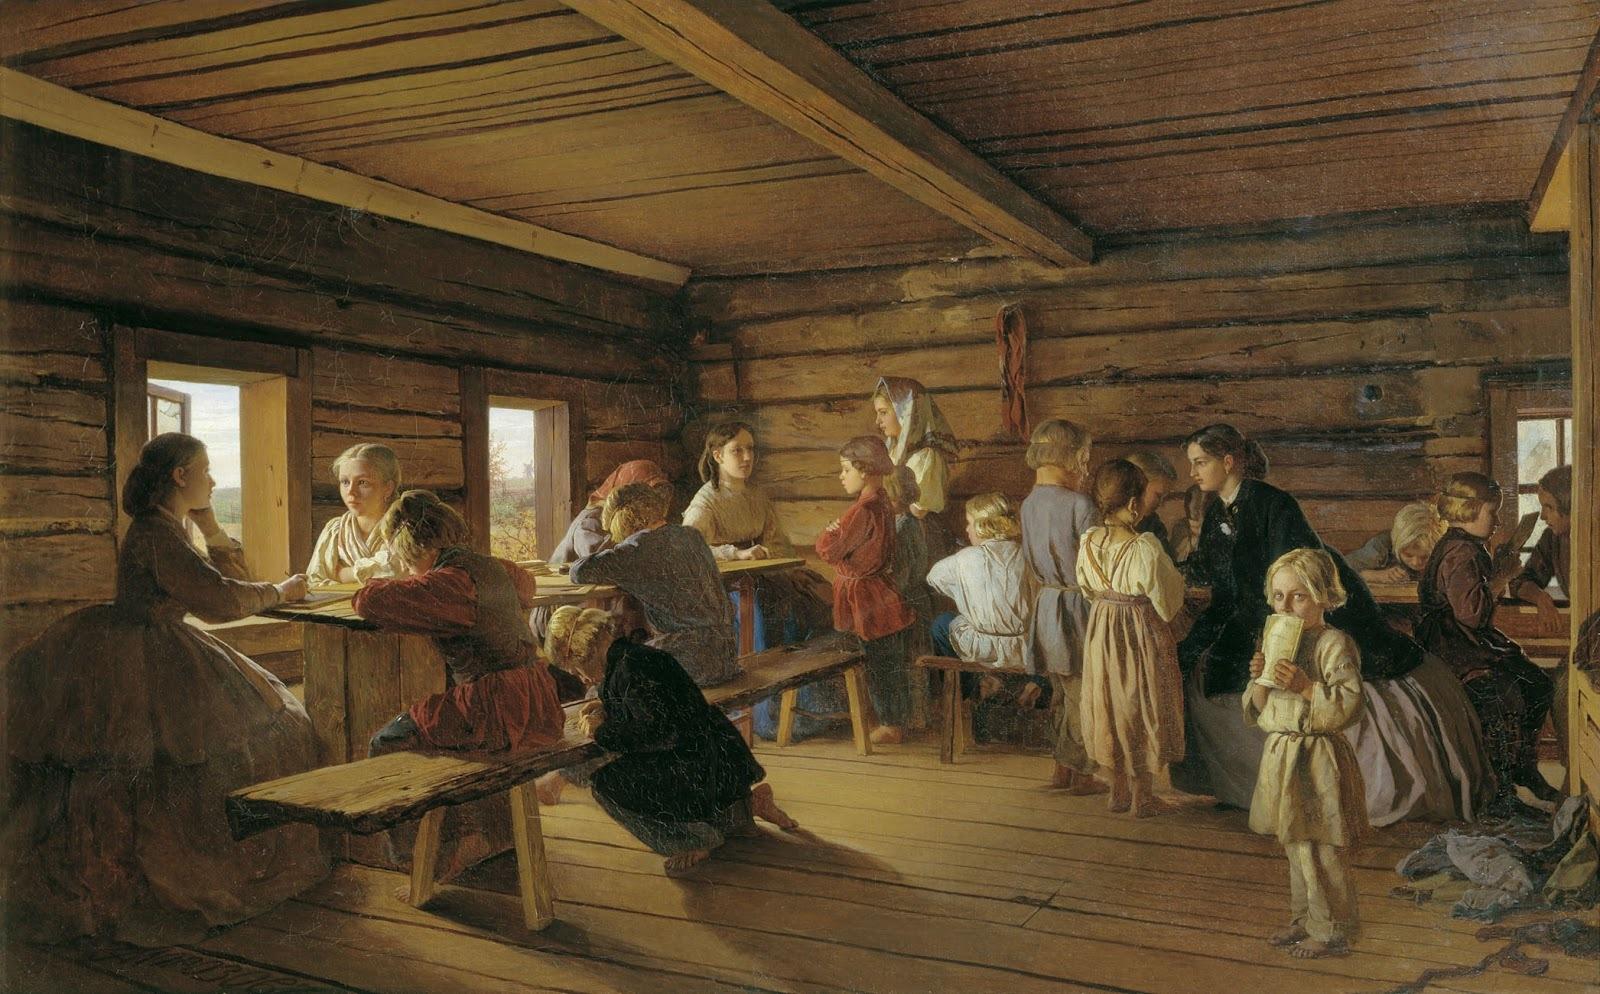 планируете первые школ в россии картинки базе данных